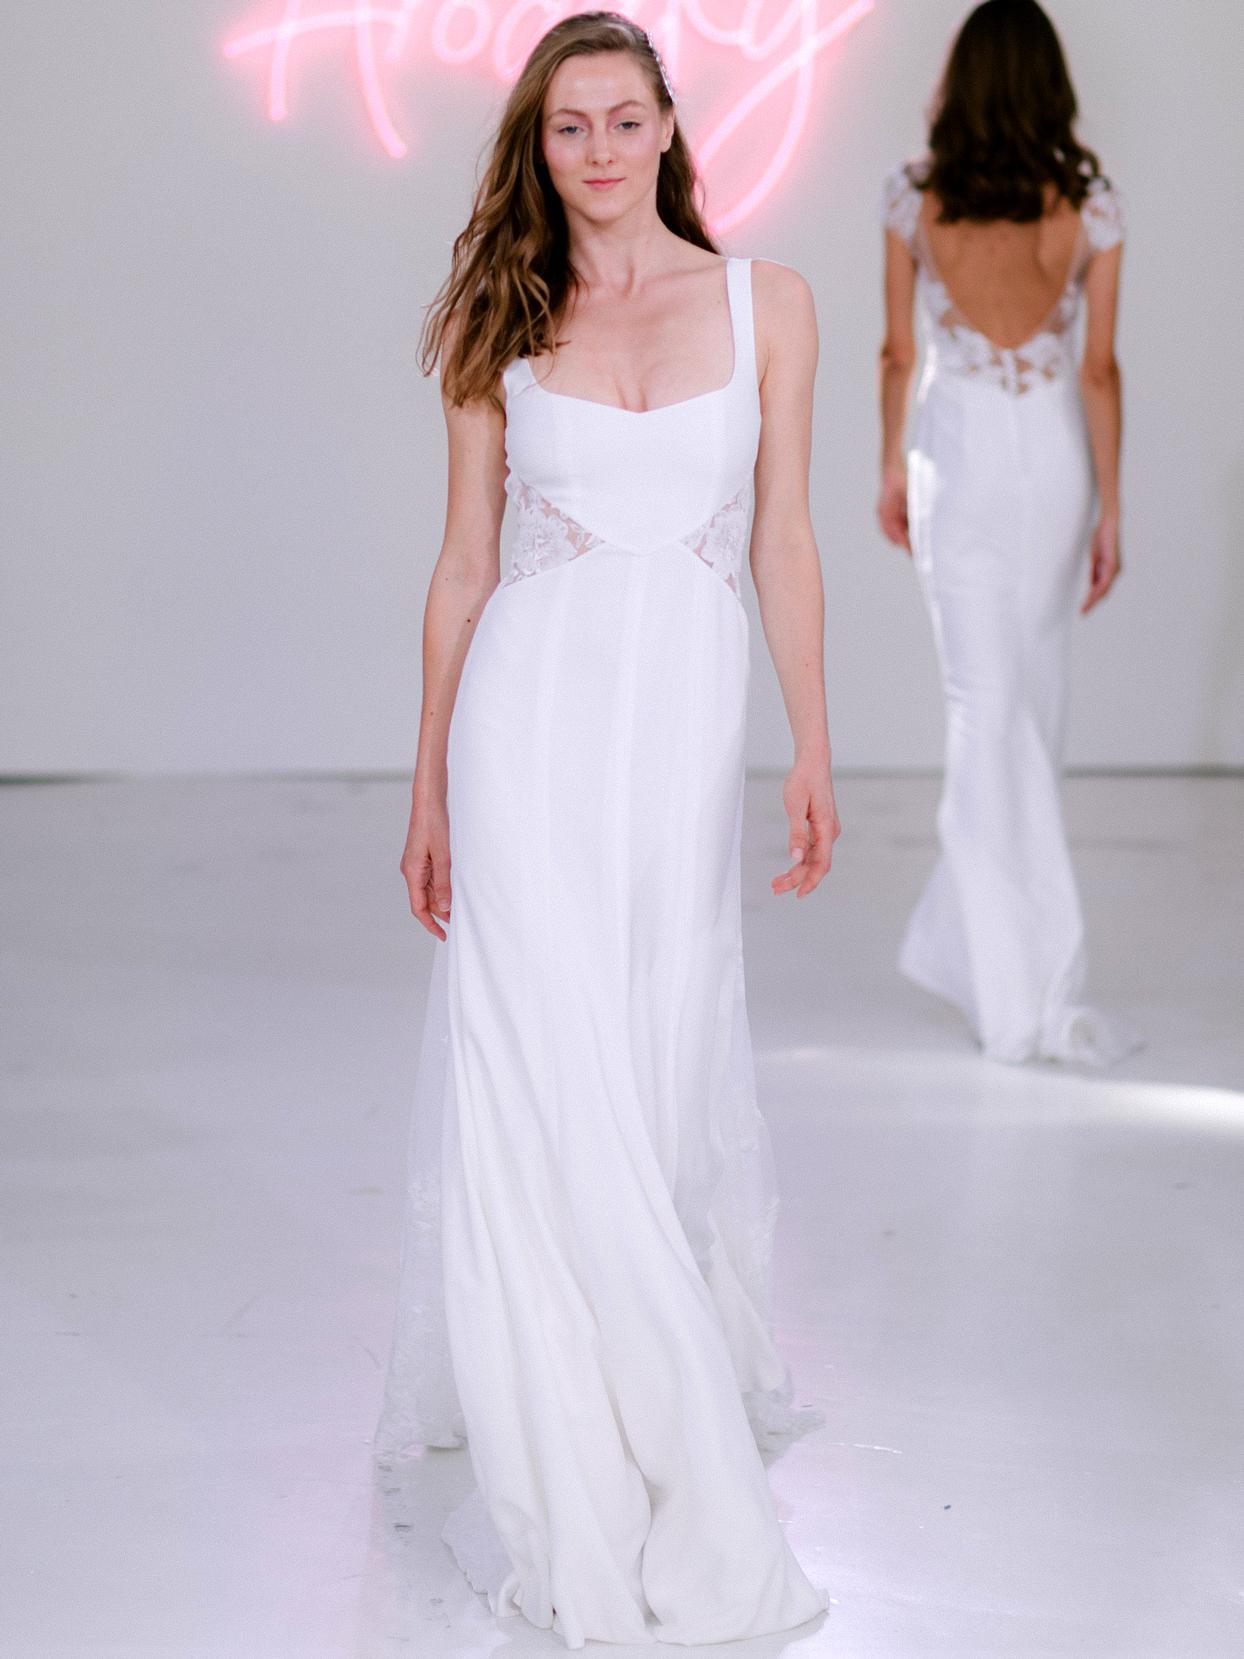 Rime Arodaky X The Mews Bridal thin strap square neckline wedding dress fall 2020